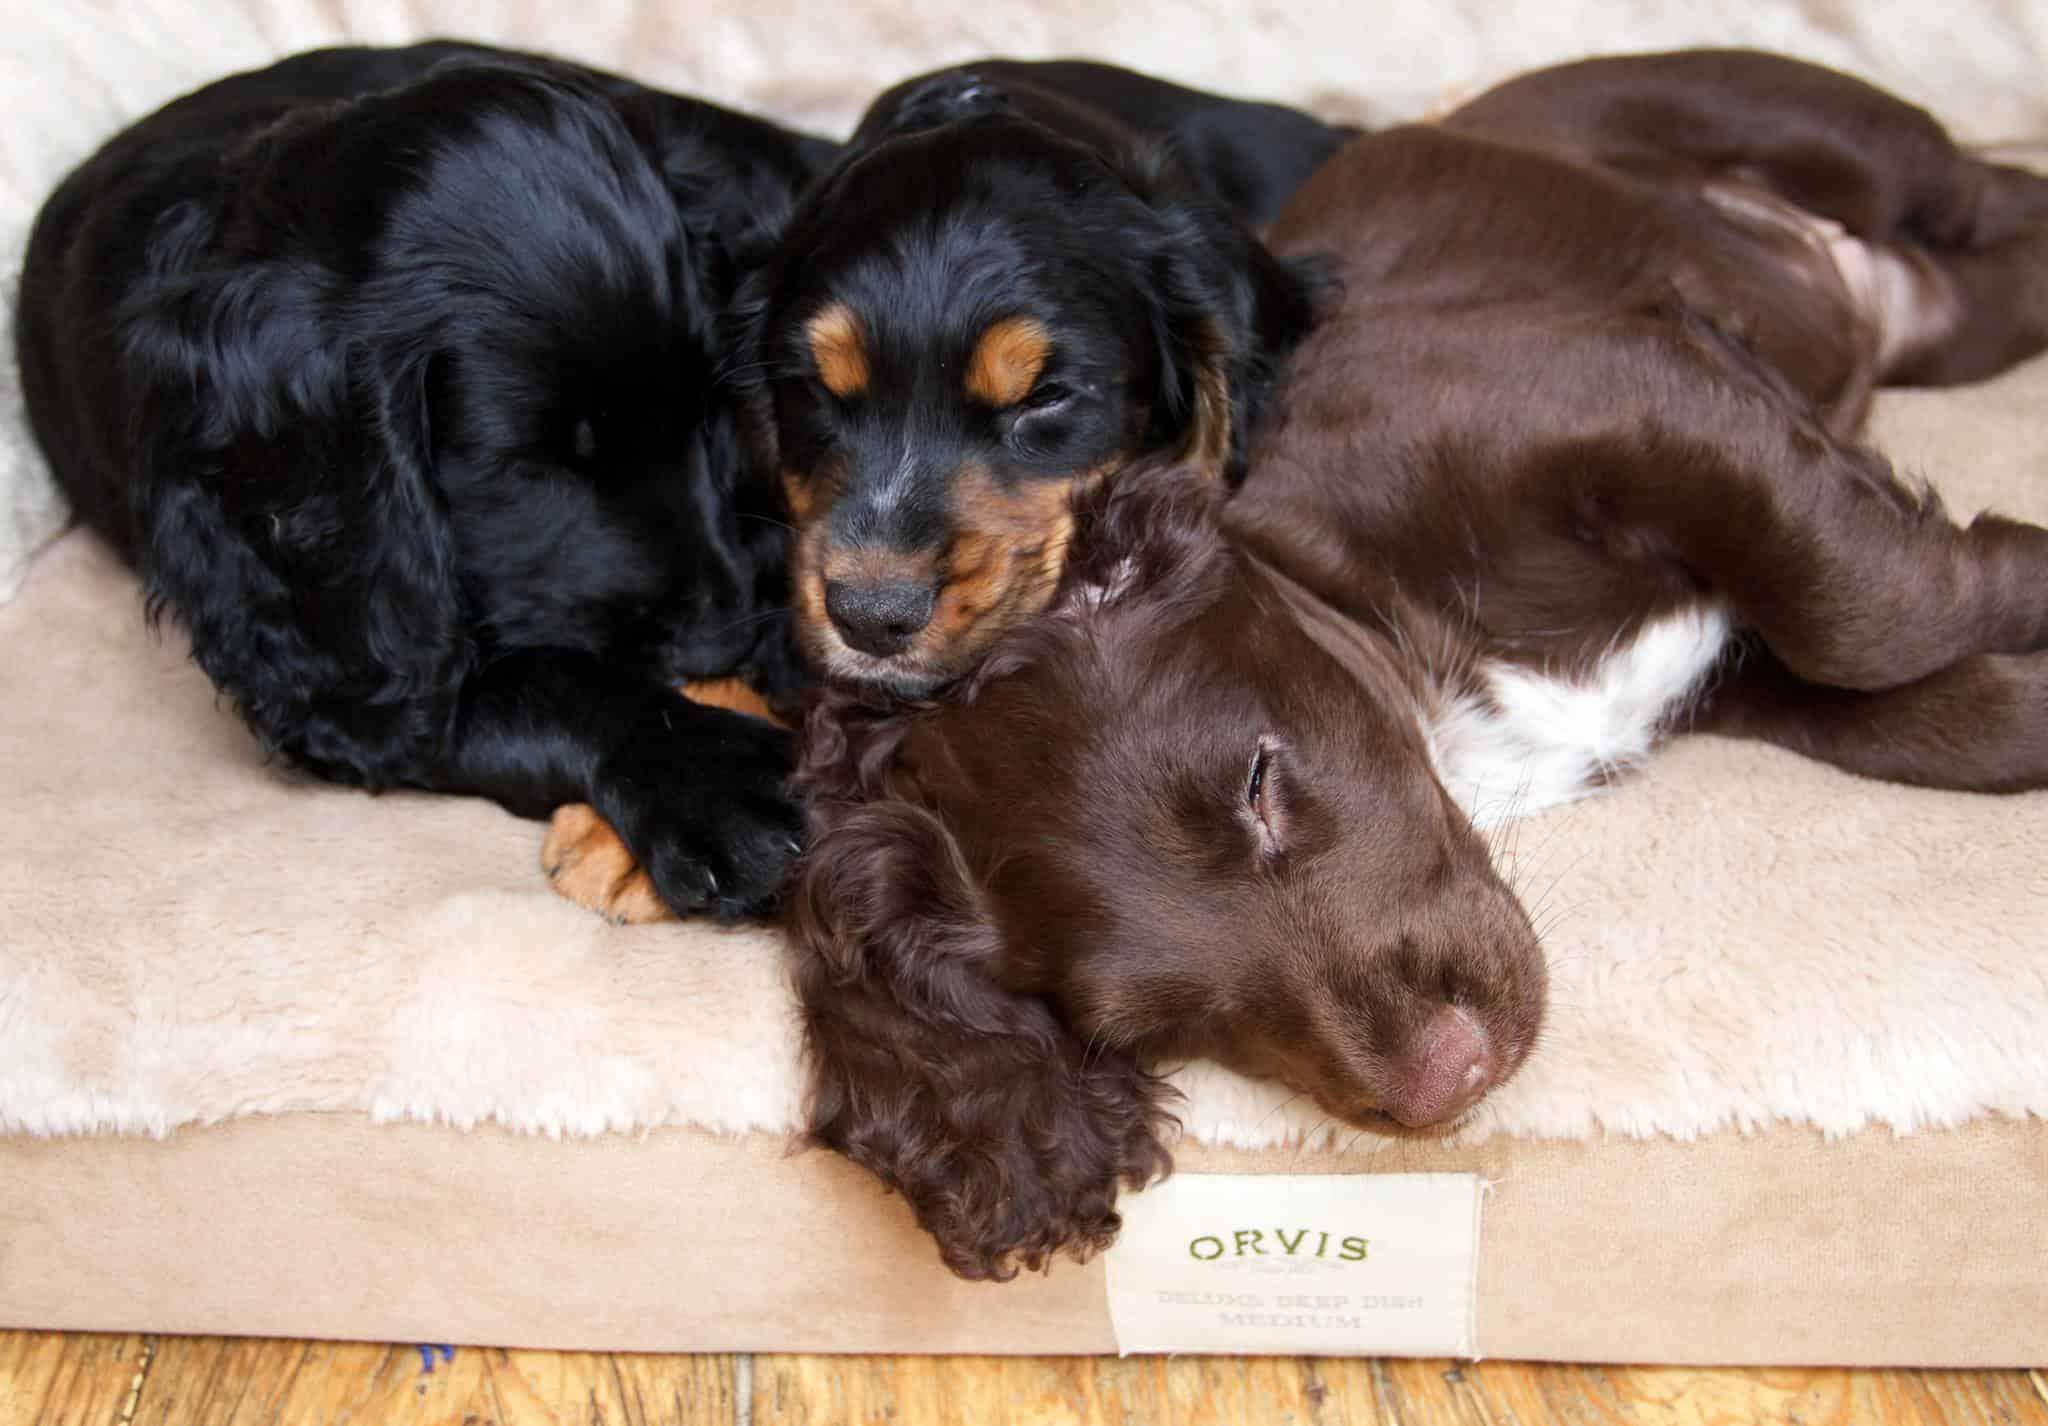 Orvis Dog Festival London